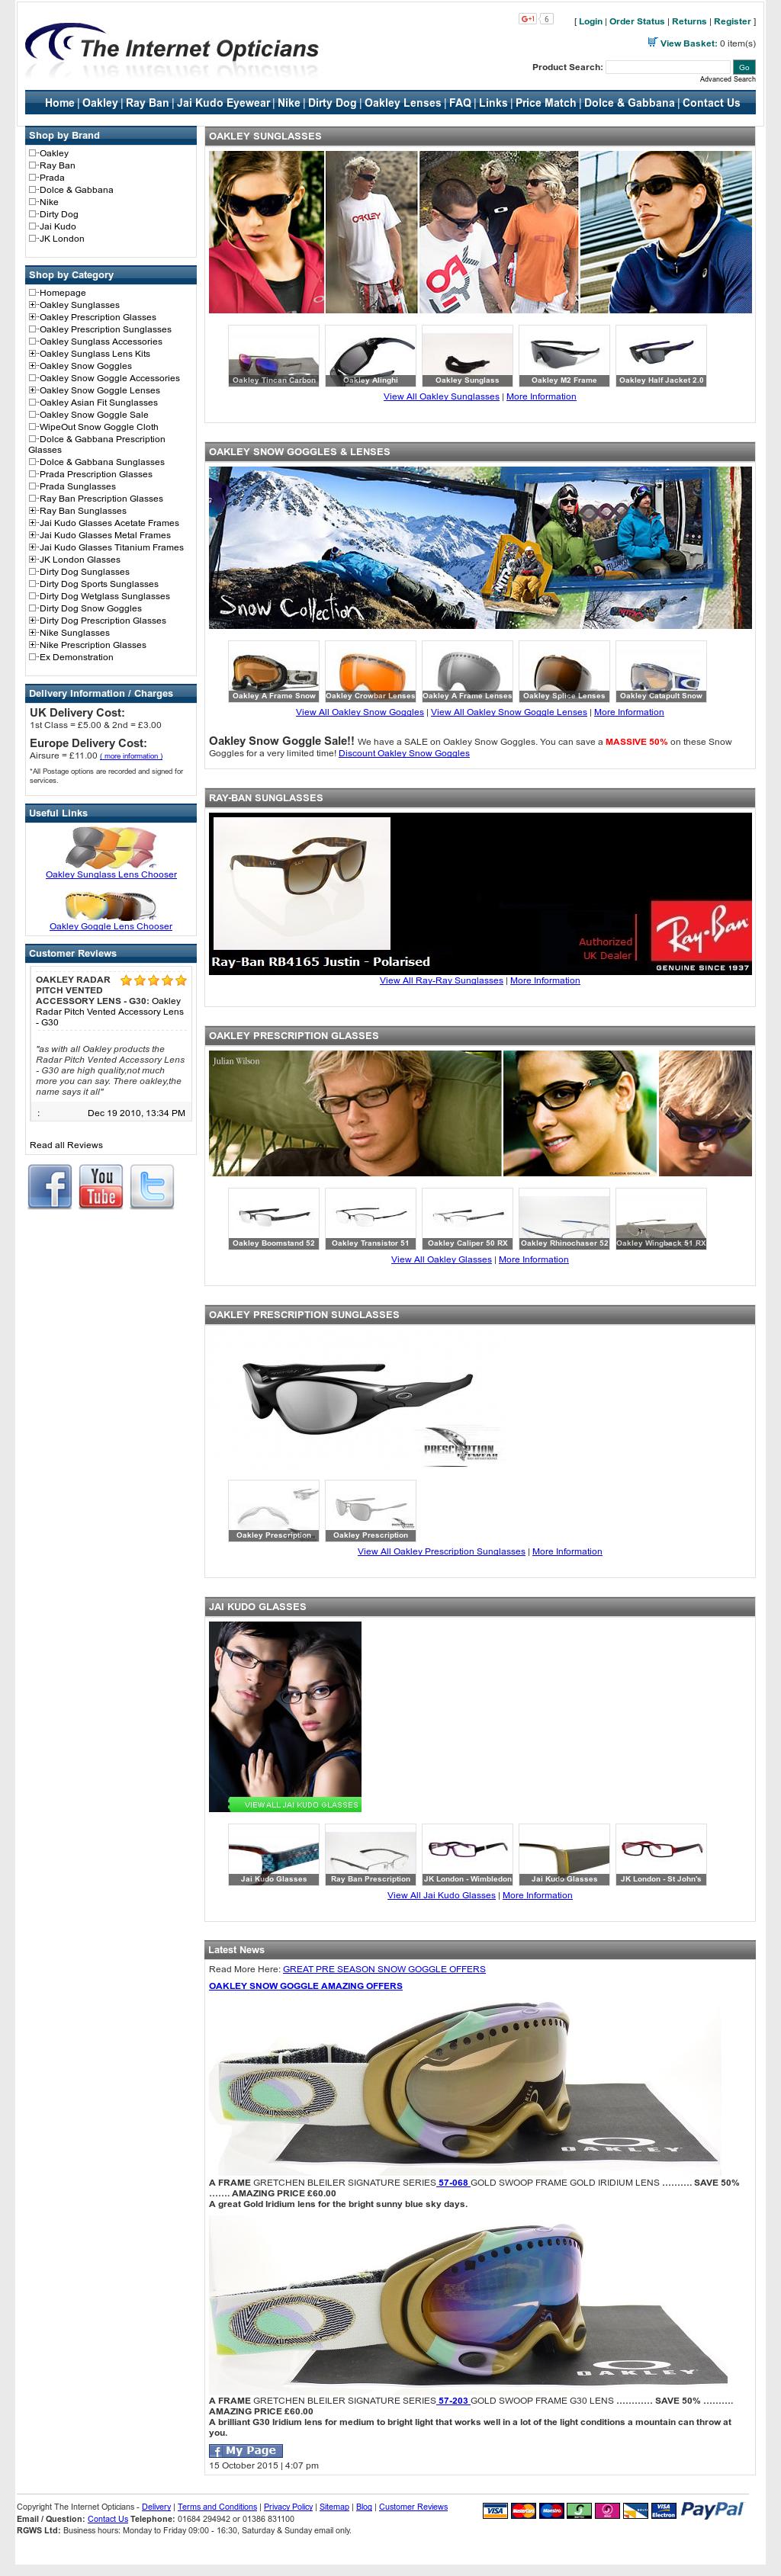 d0fd2d31546 The Internet Opticians Competitors